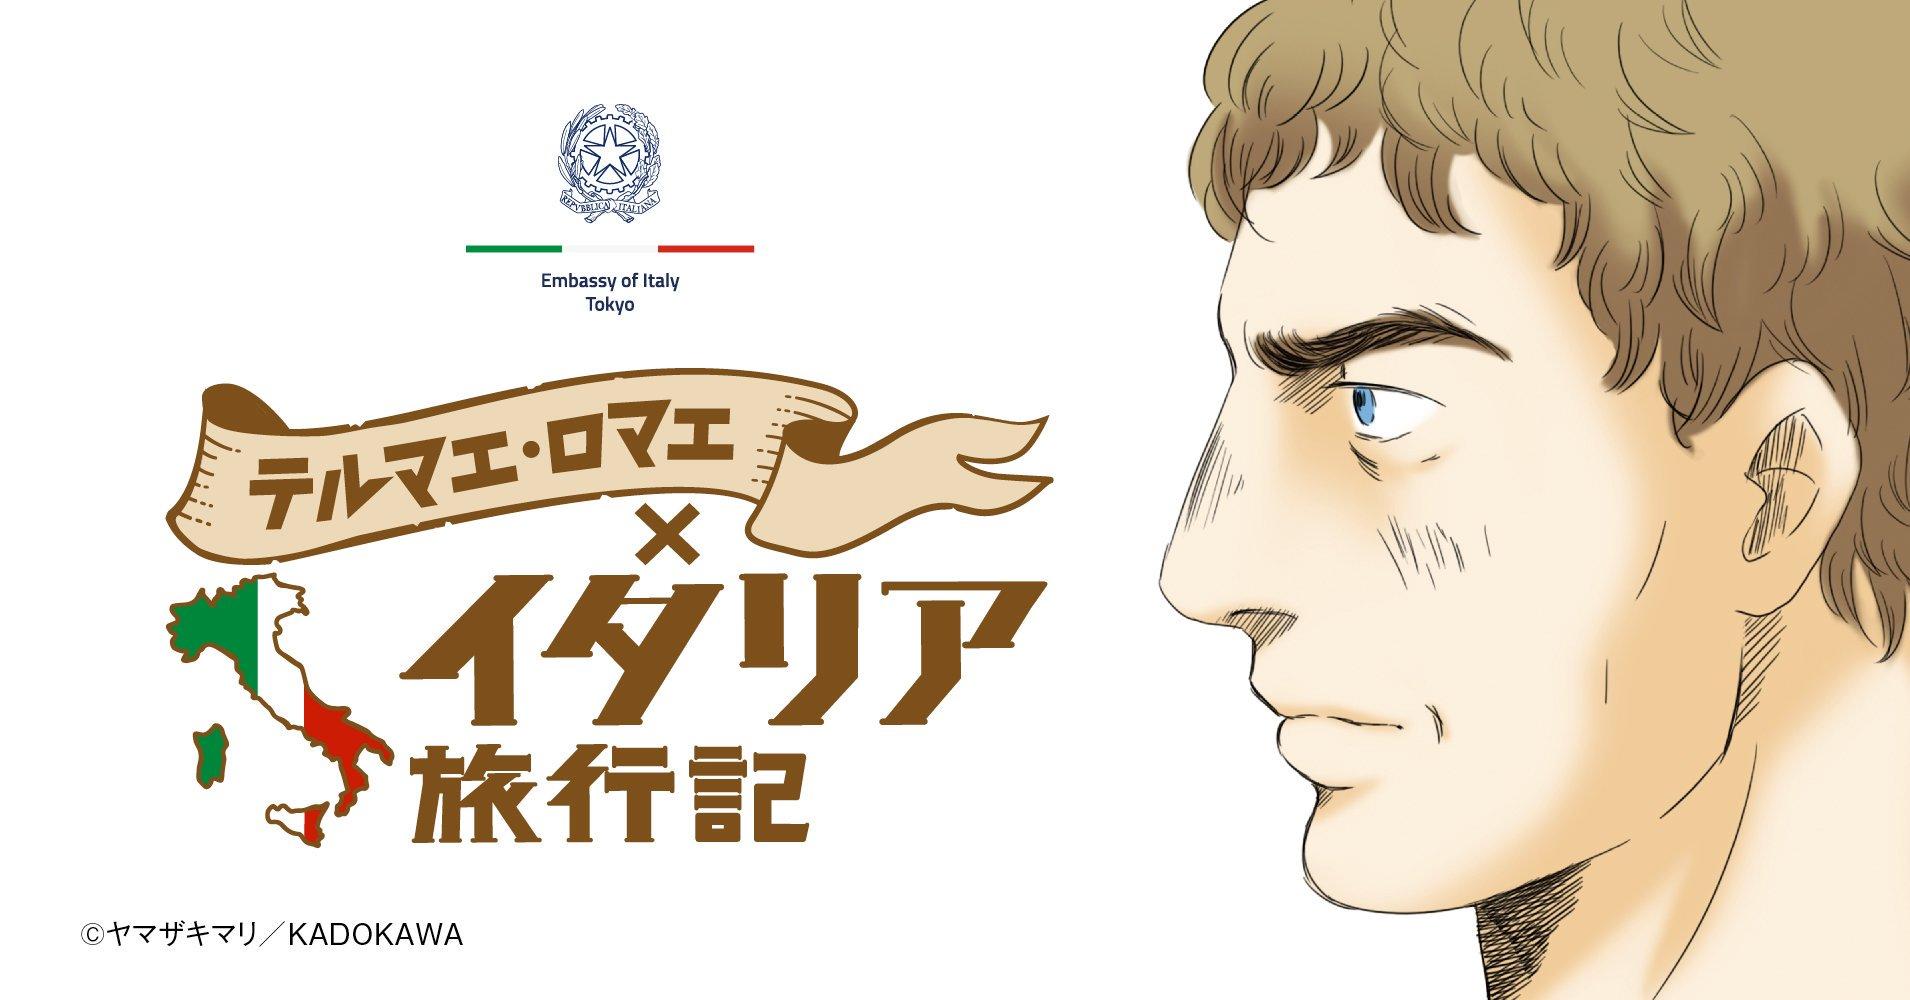 Thermae Romae, il manga giapponese per promuovere il turismo italiano in Giappone